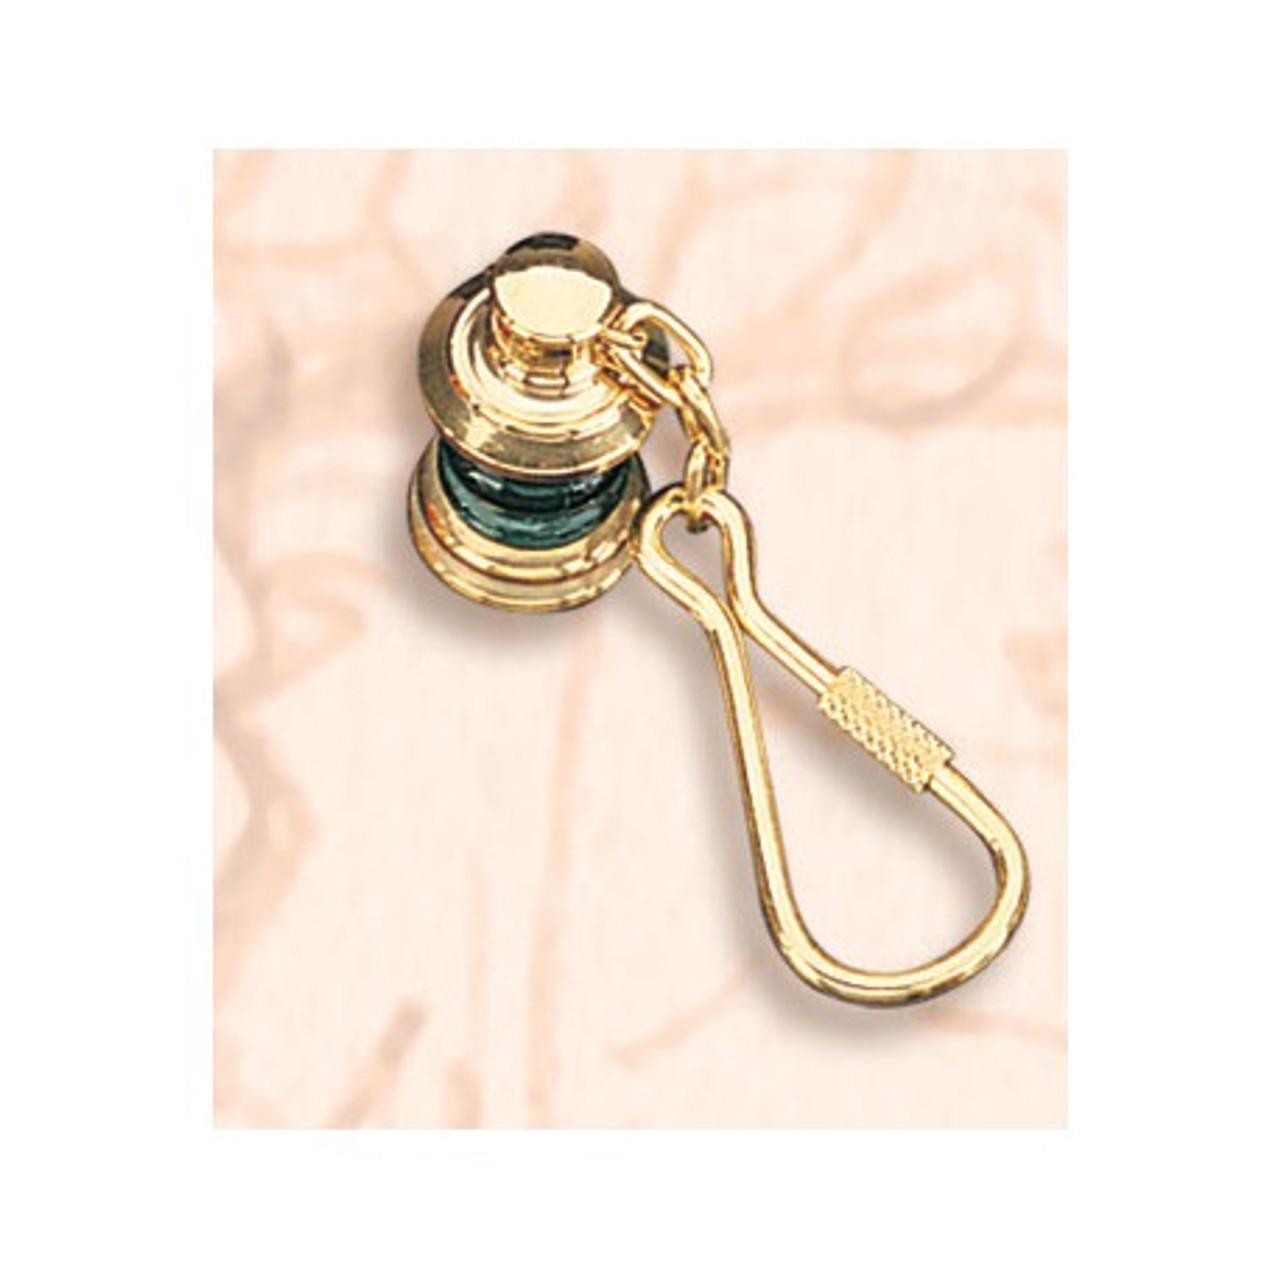 Brass Key Chain - Starboard Lantern